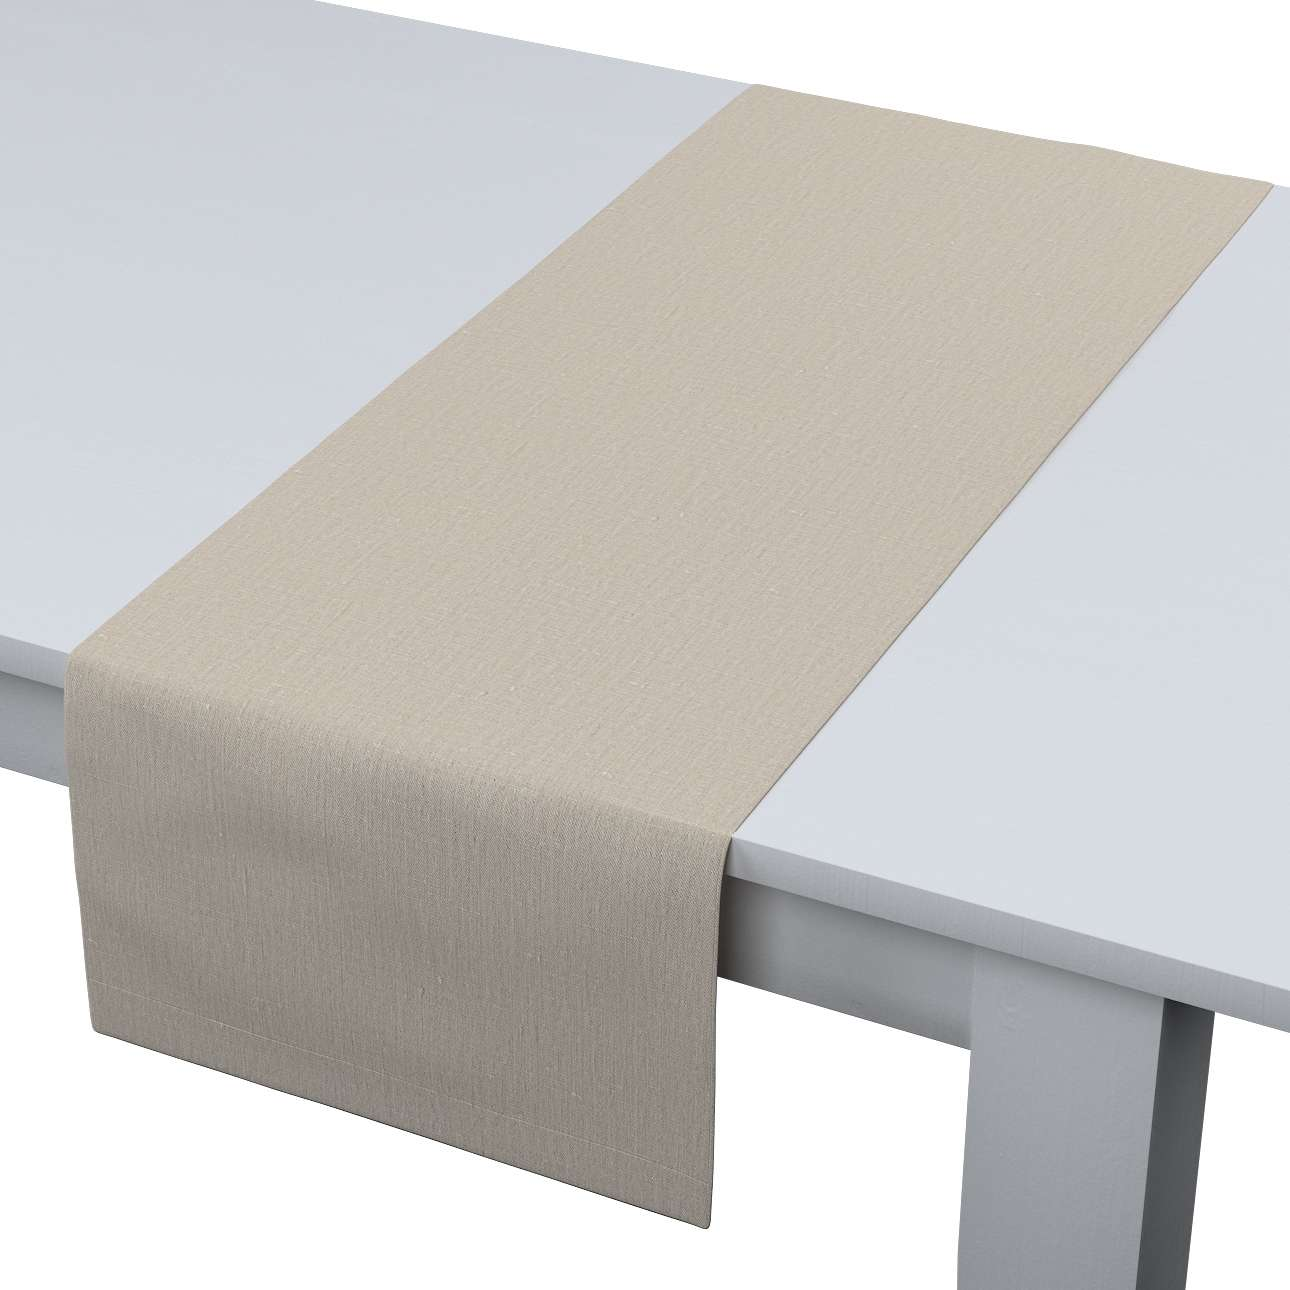 Bieżnik prostokątny w kolekcji Linen, tkanina: 392-05